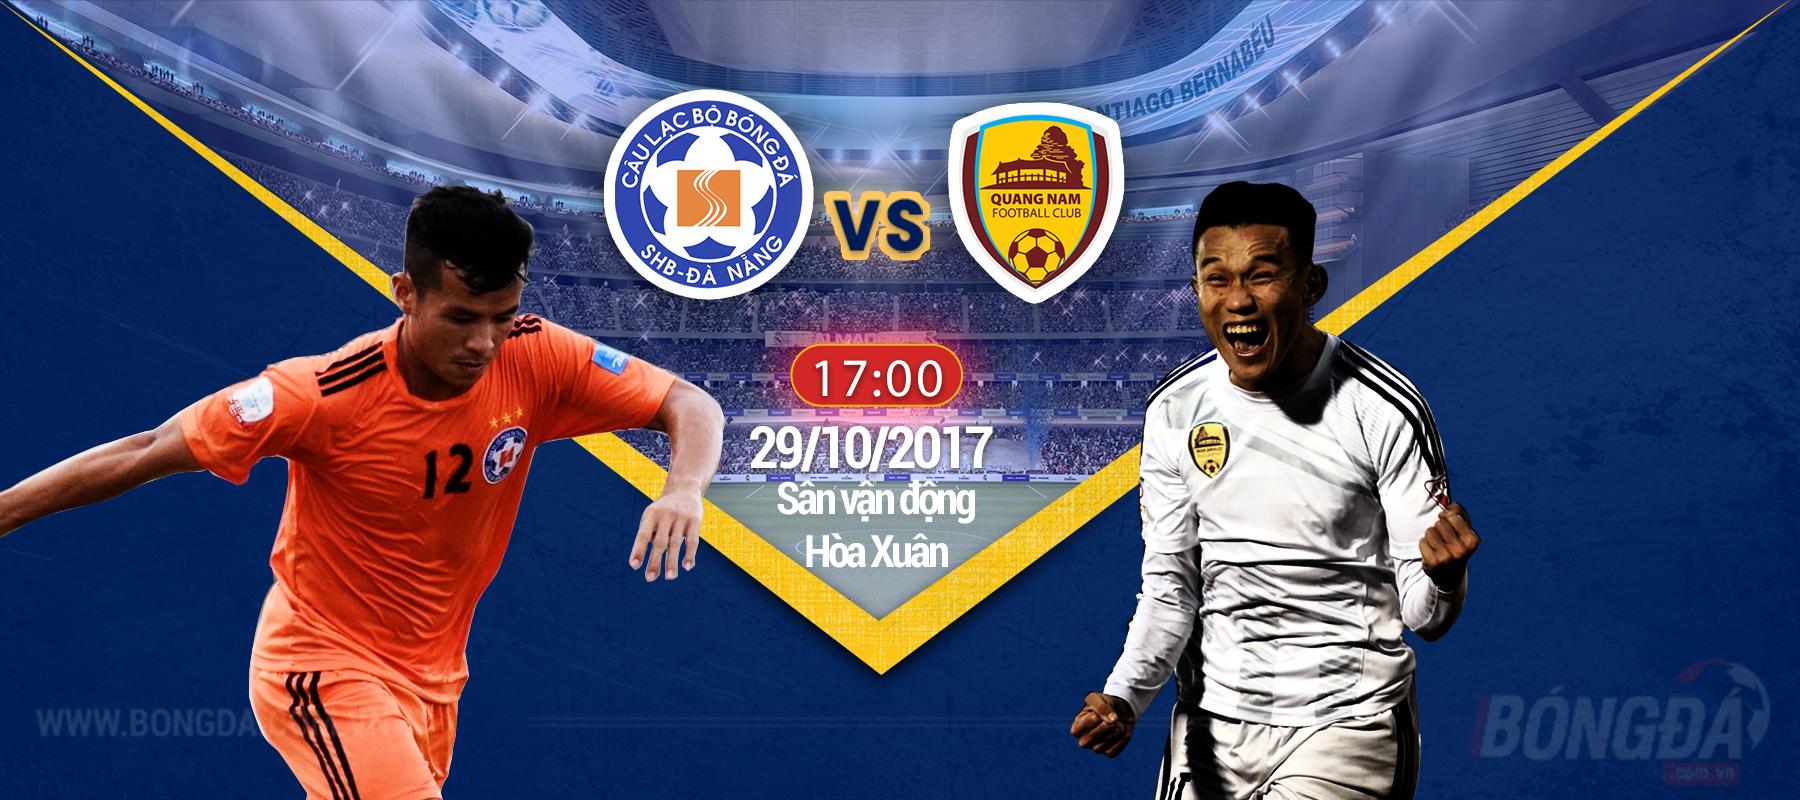 Vòng 23 V-League: Vòng đấu của những trận Derby